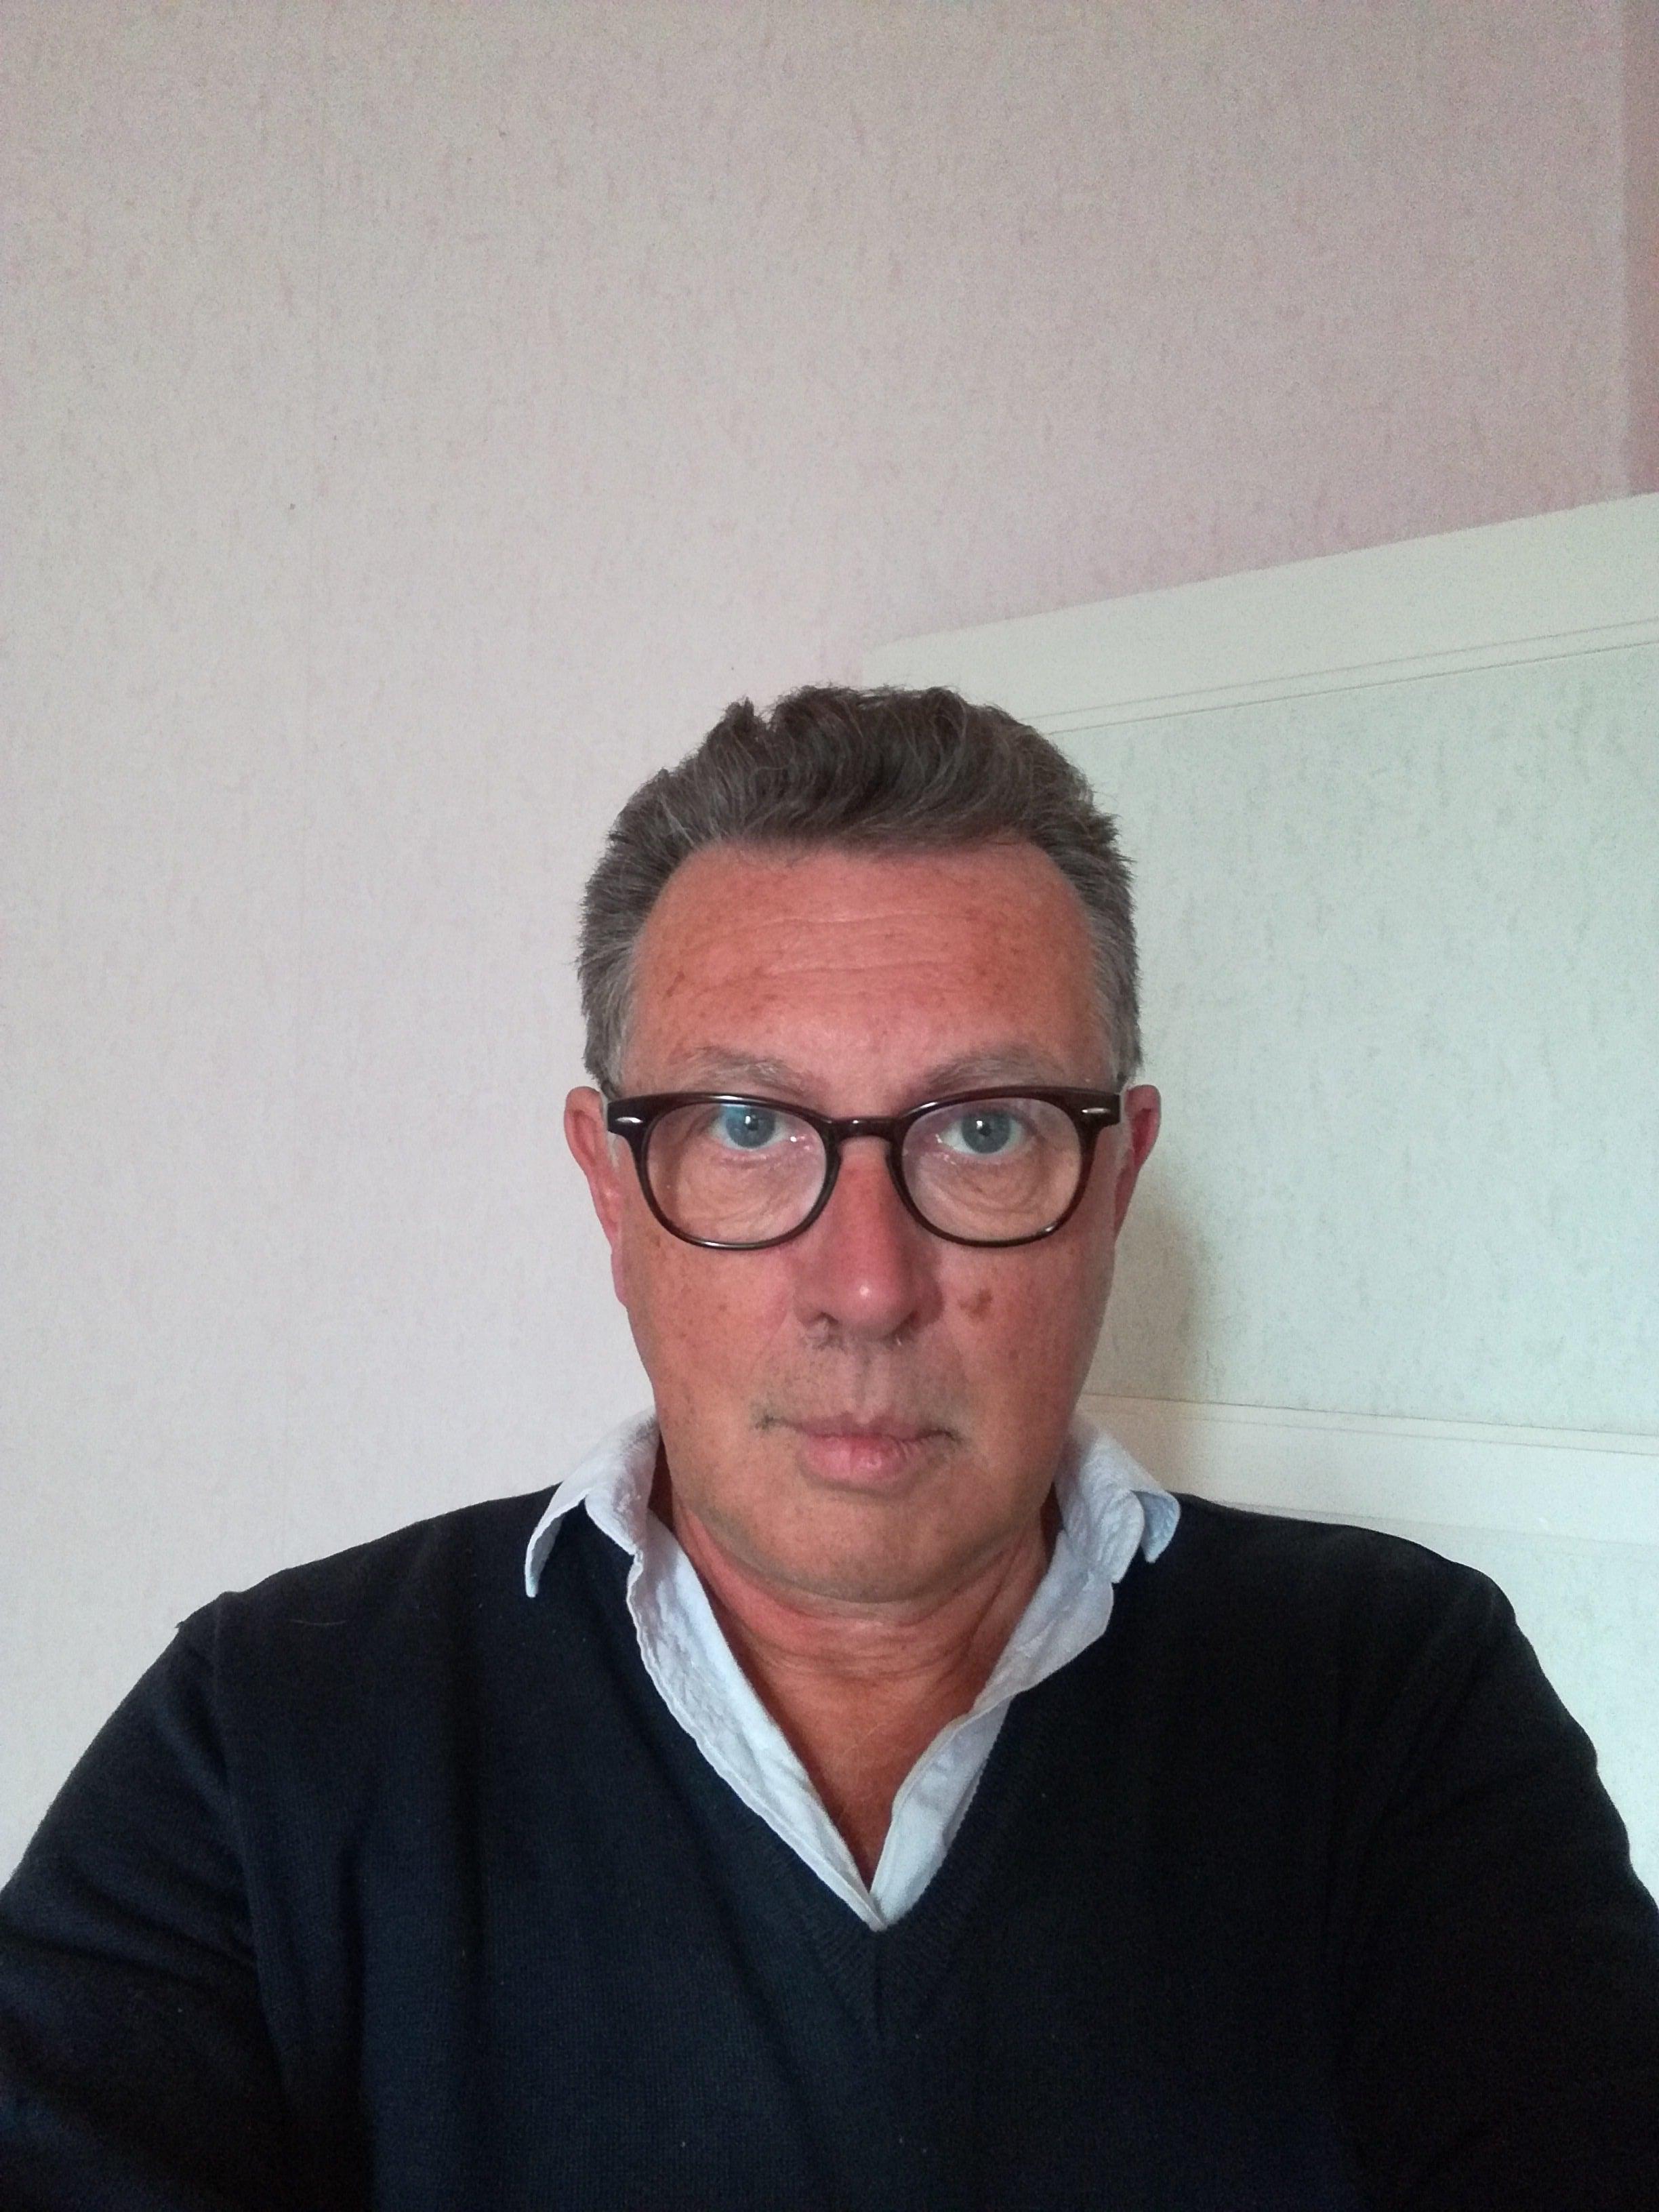 Patrick-Lemarié-Représentant-TransportMarketPlace-La-Place-de-Marché-du-Transpor